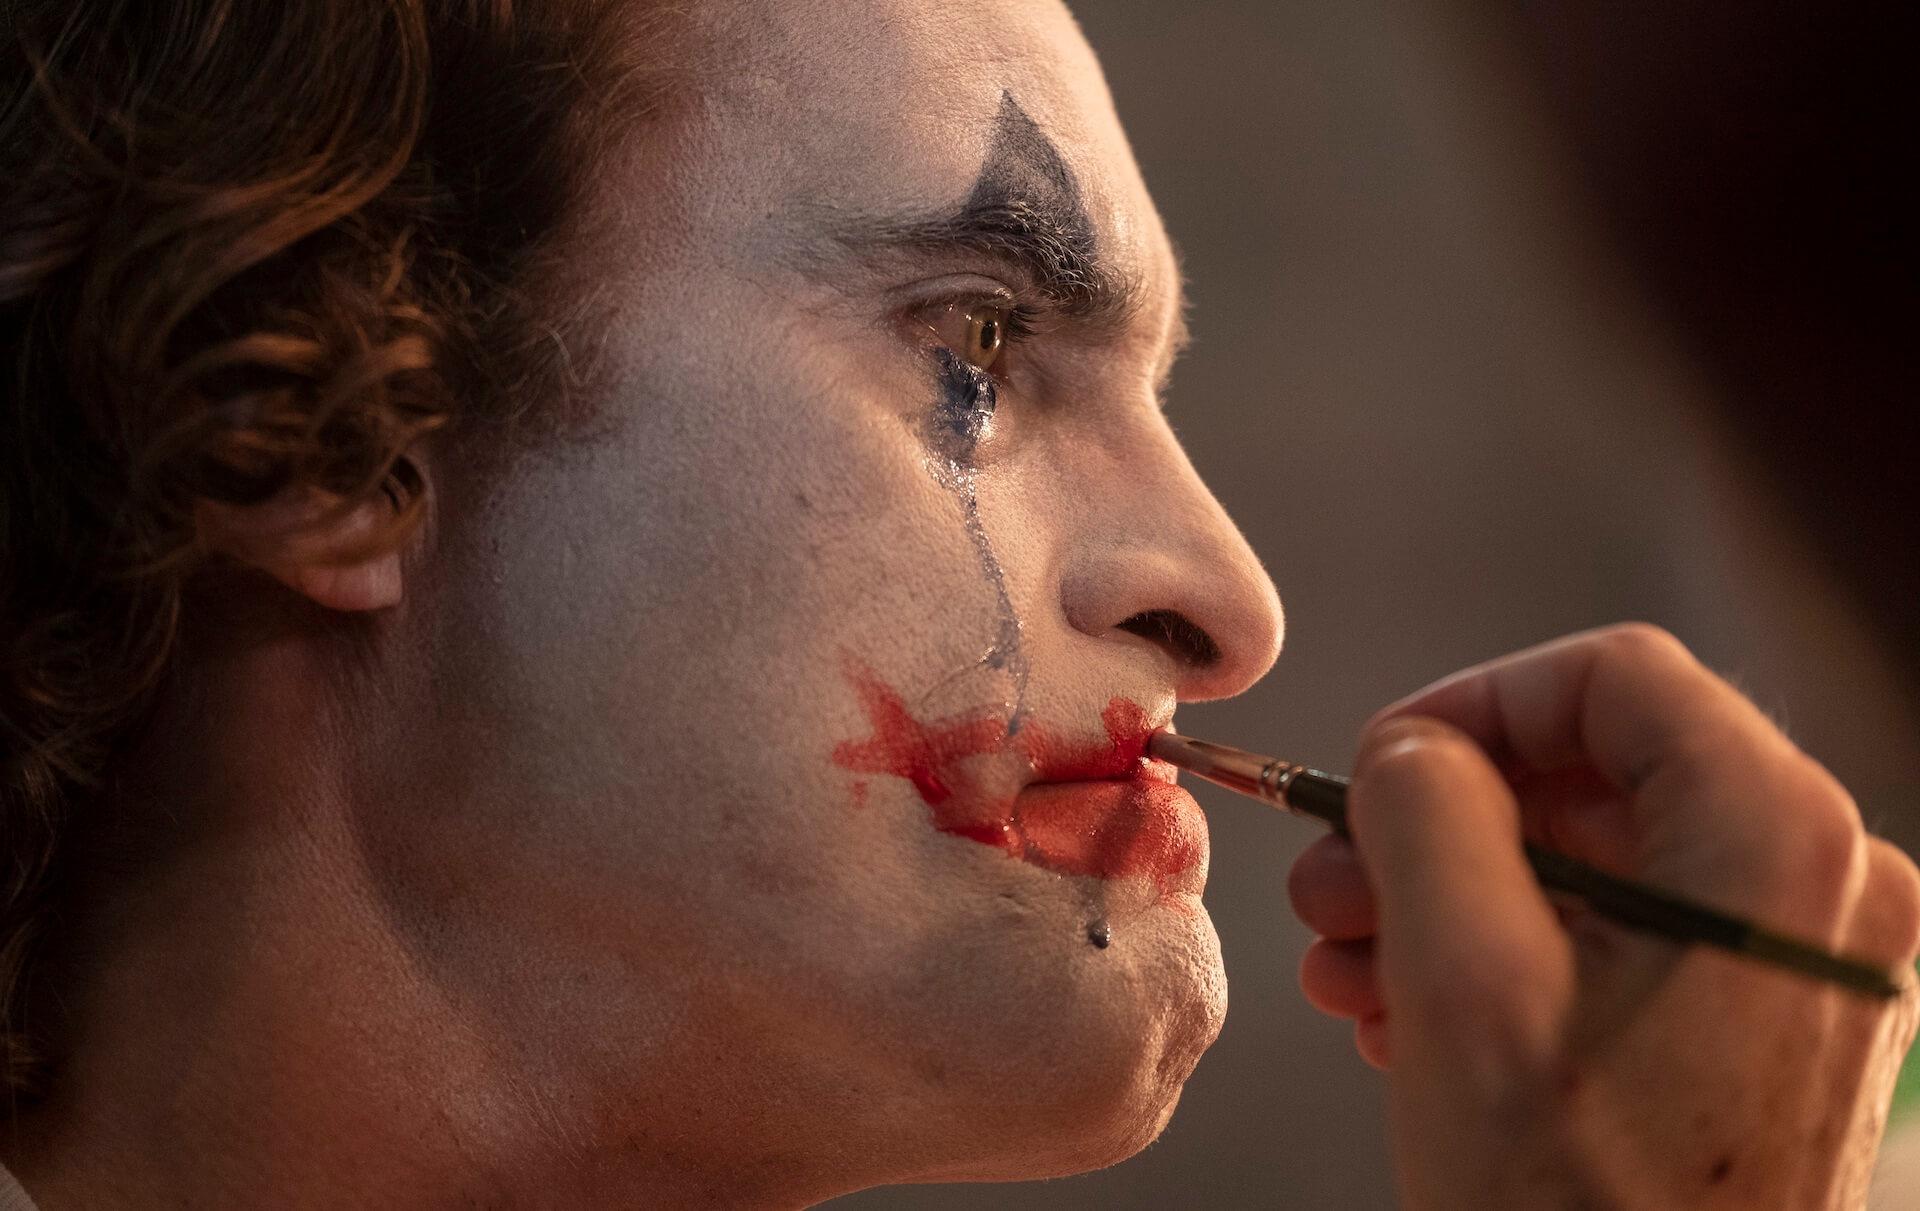 『ジョーカー』がアカデミー賞に驚異の11部門ノミネート!IMAX®︎、ドルビーシネマでの再上映が決定 film200114_joker_3